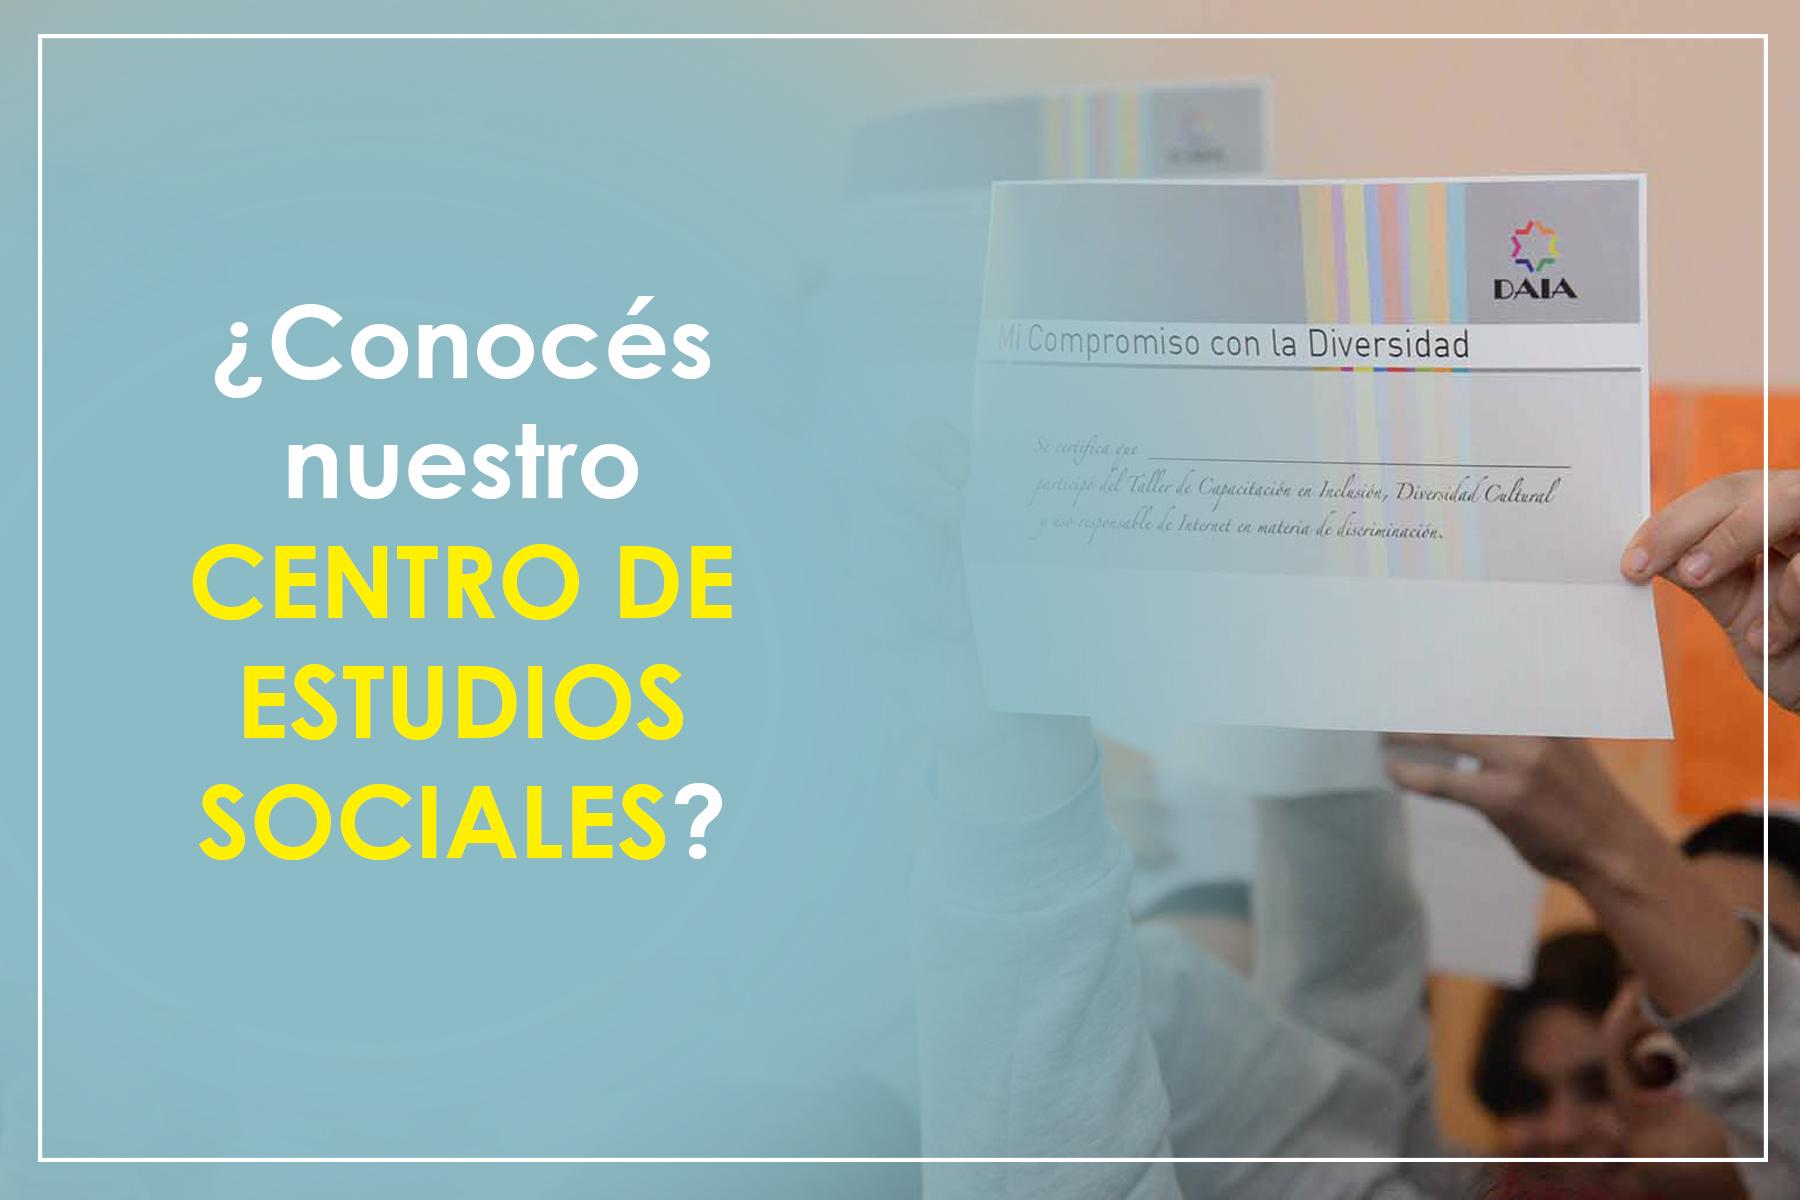 ¿Conocés el Centro de Estudios Sociales de la DAIA?